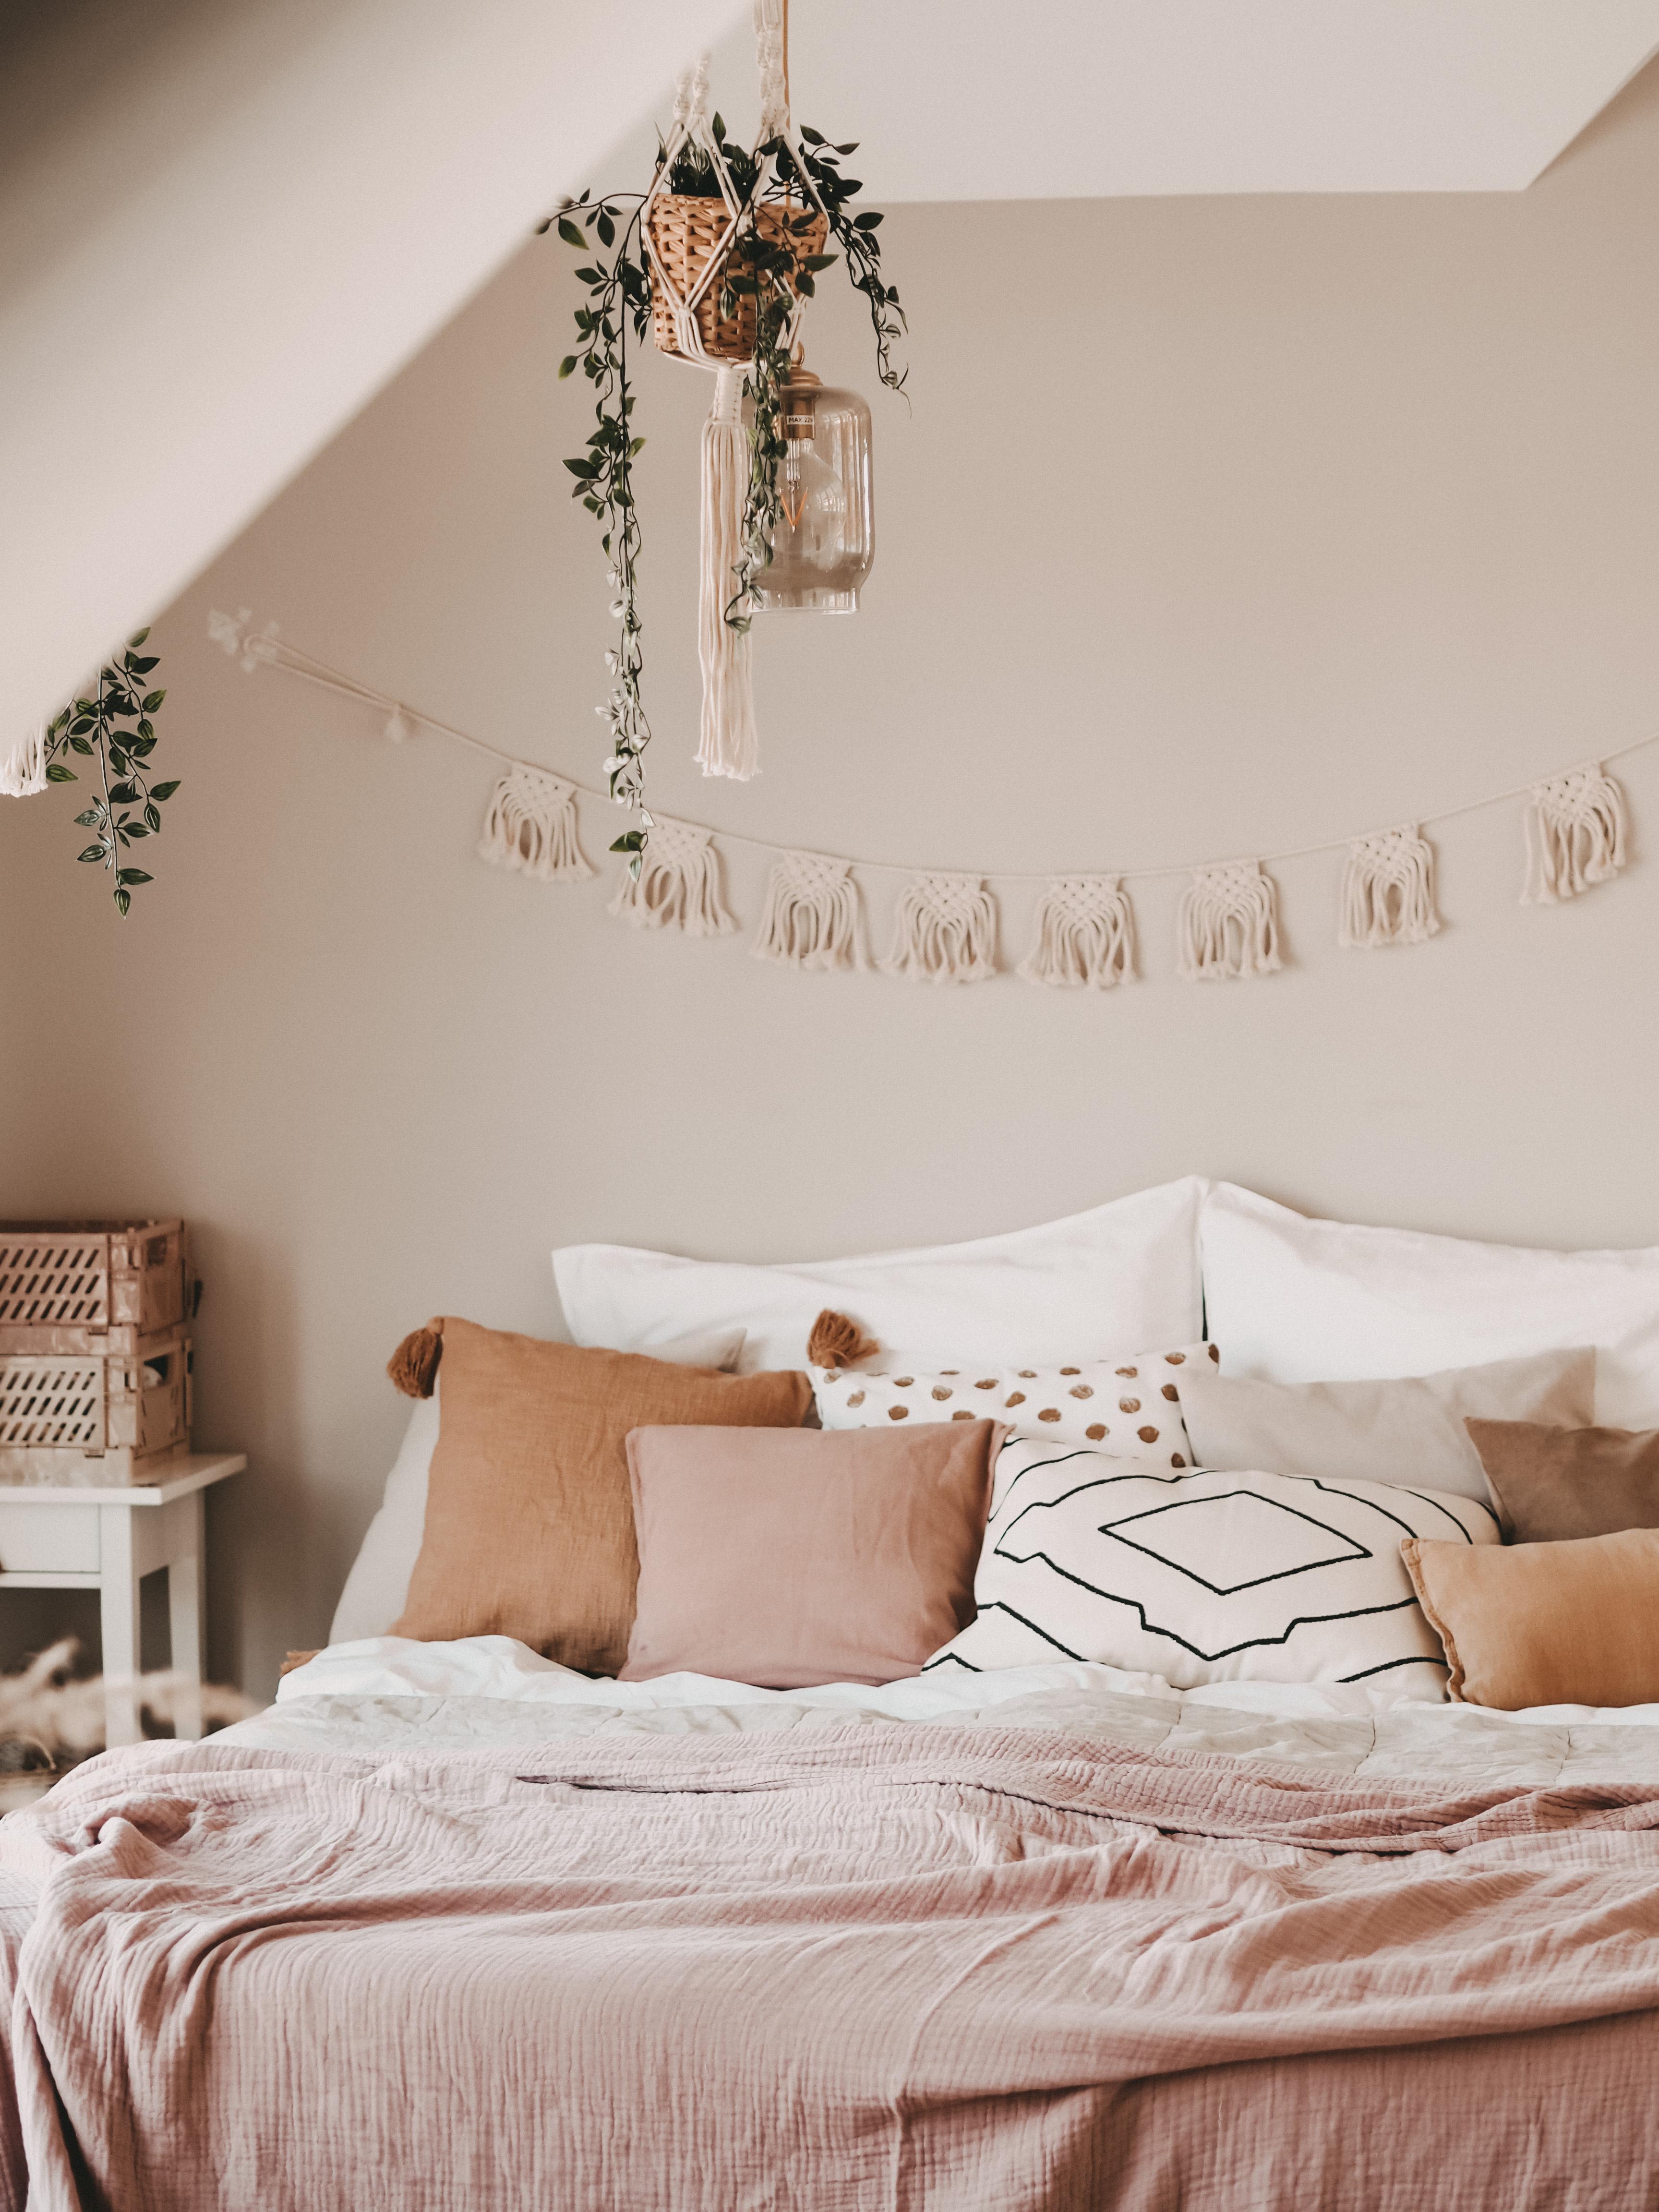 Bei Chrissi ist kein Raum langweilig - Homestory mit Wohnideden auf desmondo.de